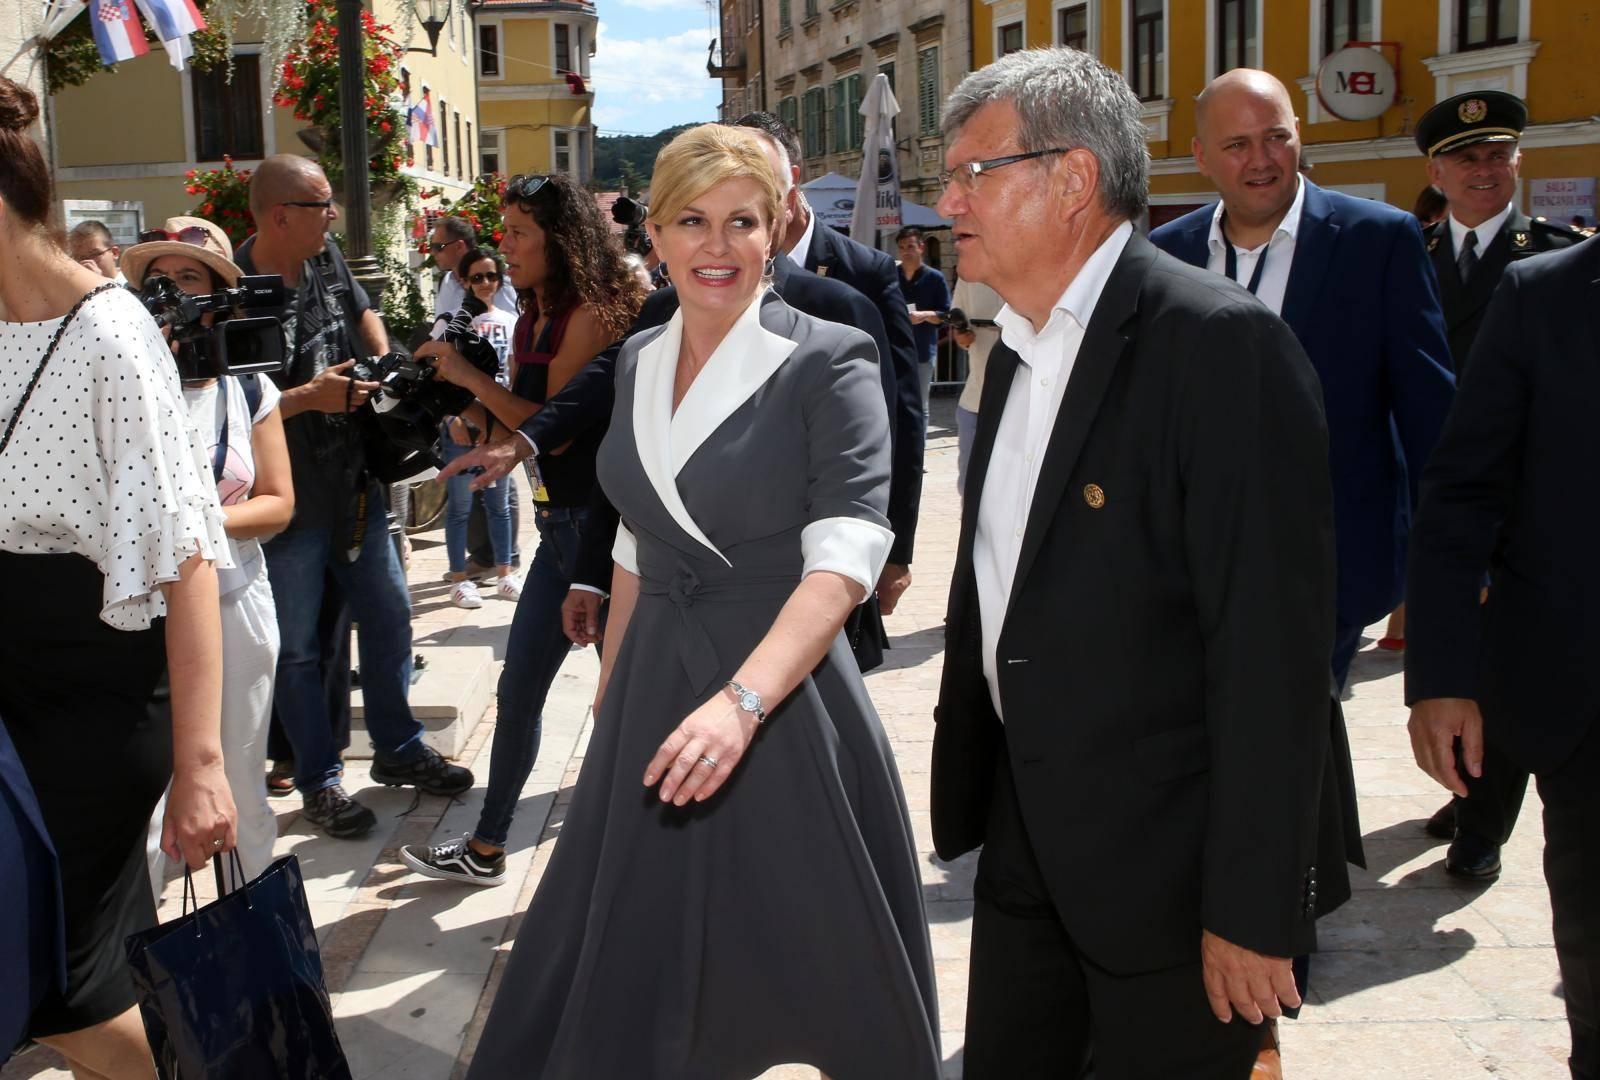 Ipak ništa od susreta u Sinju: Milanović se vraća u Zagreb